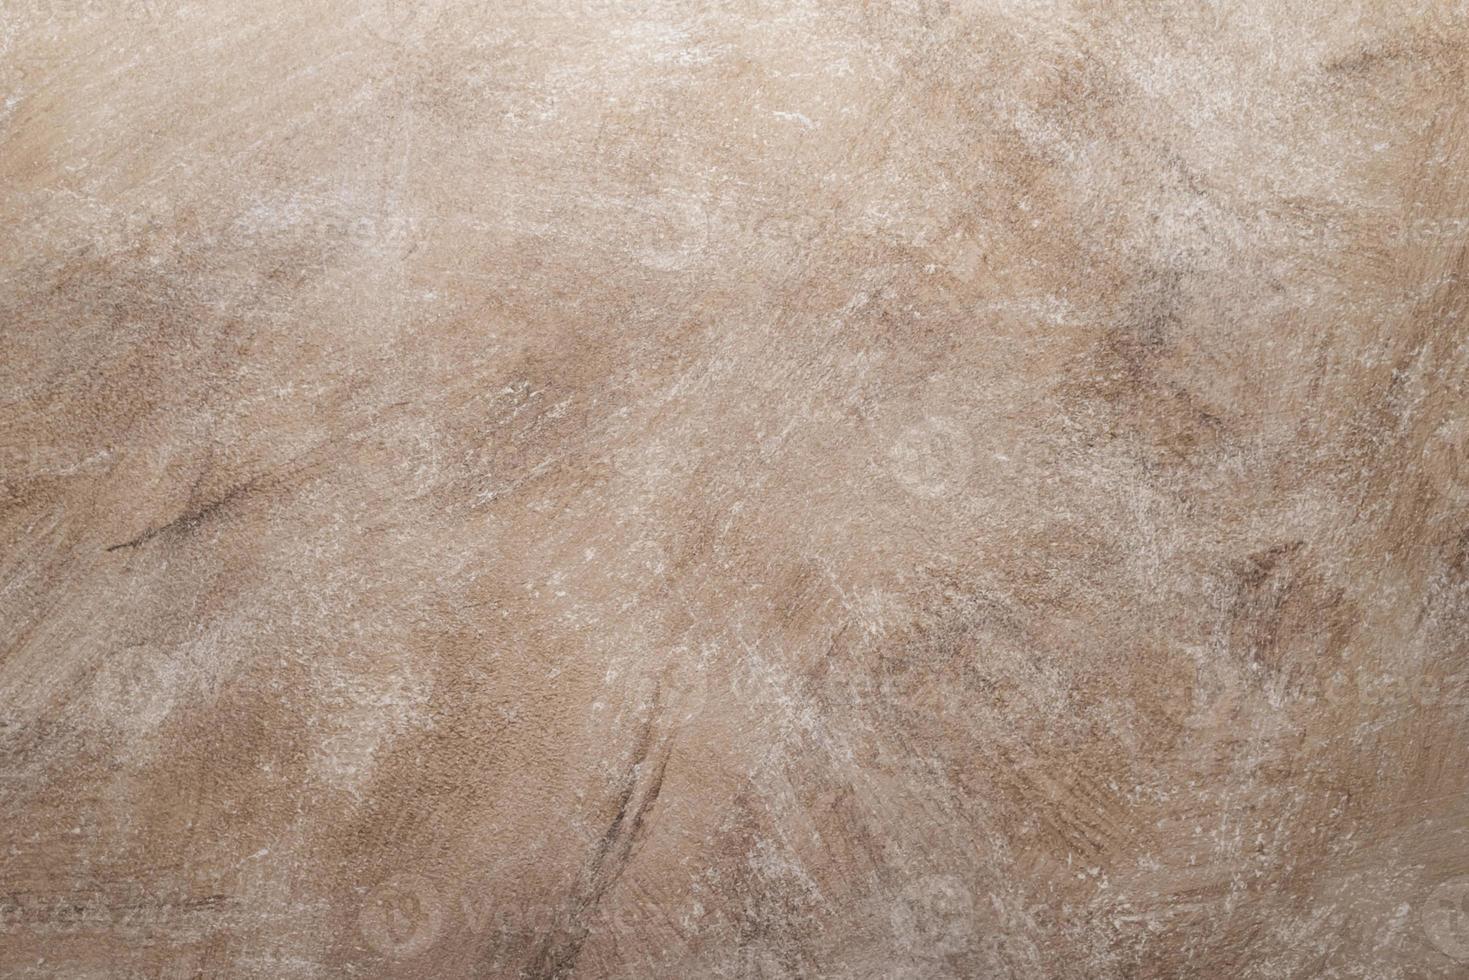 rock abstracte neutrale muur achtergrond foto